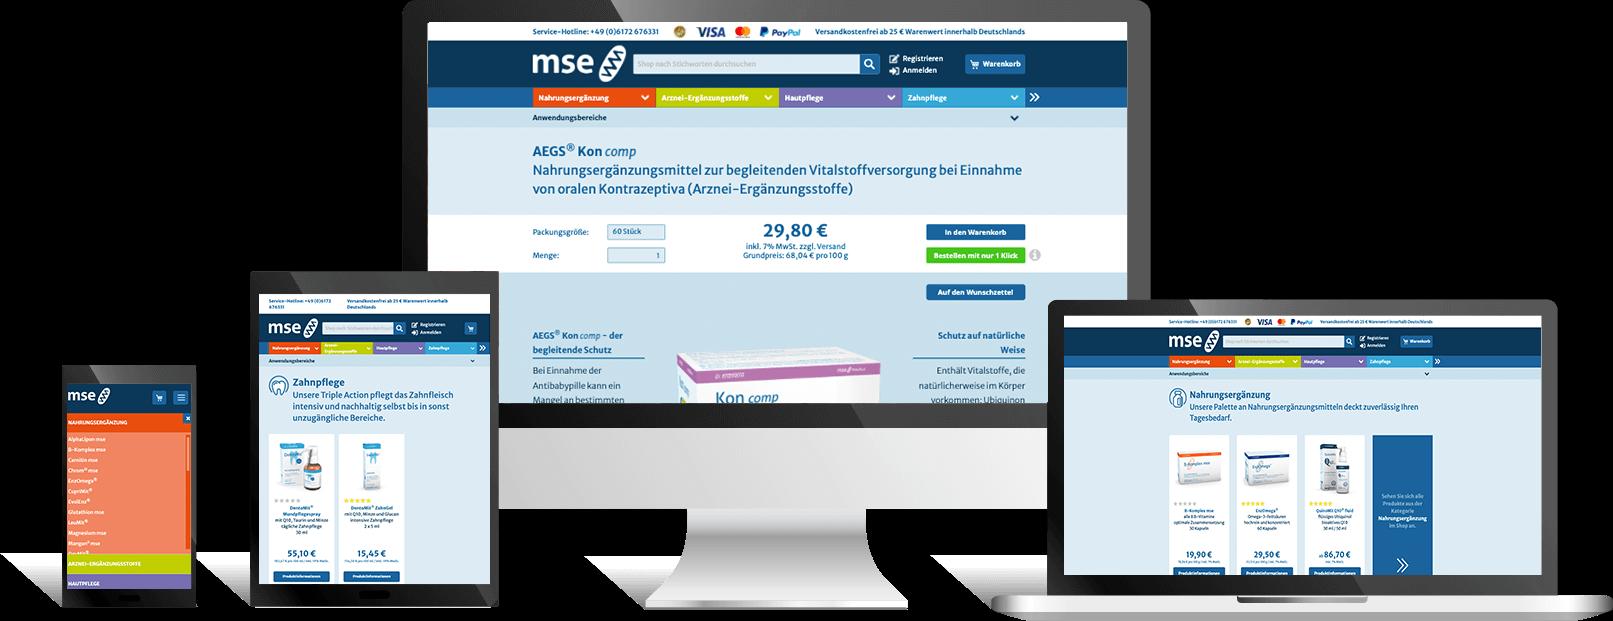 Referenzen_MSE